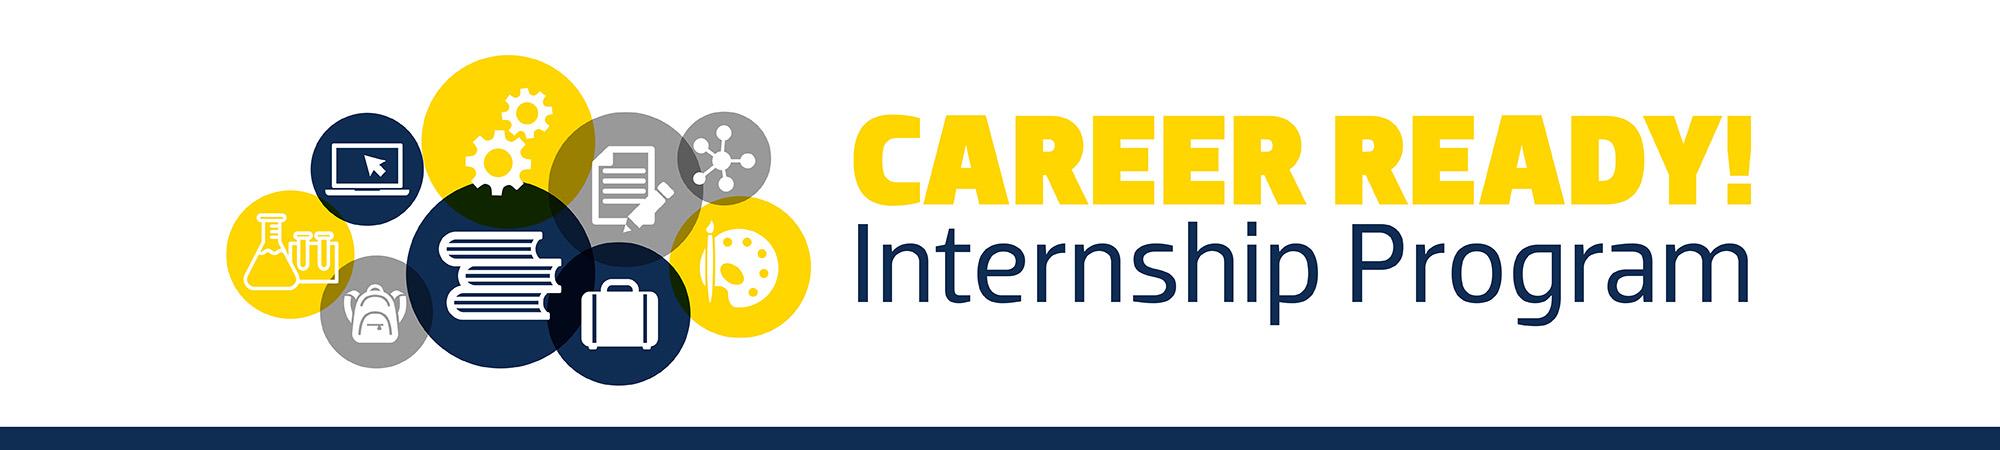 Career Ready! Internship Program